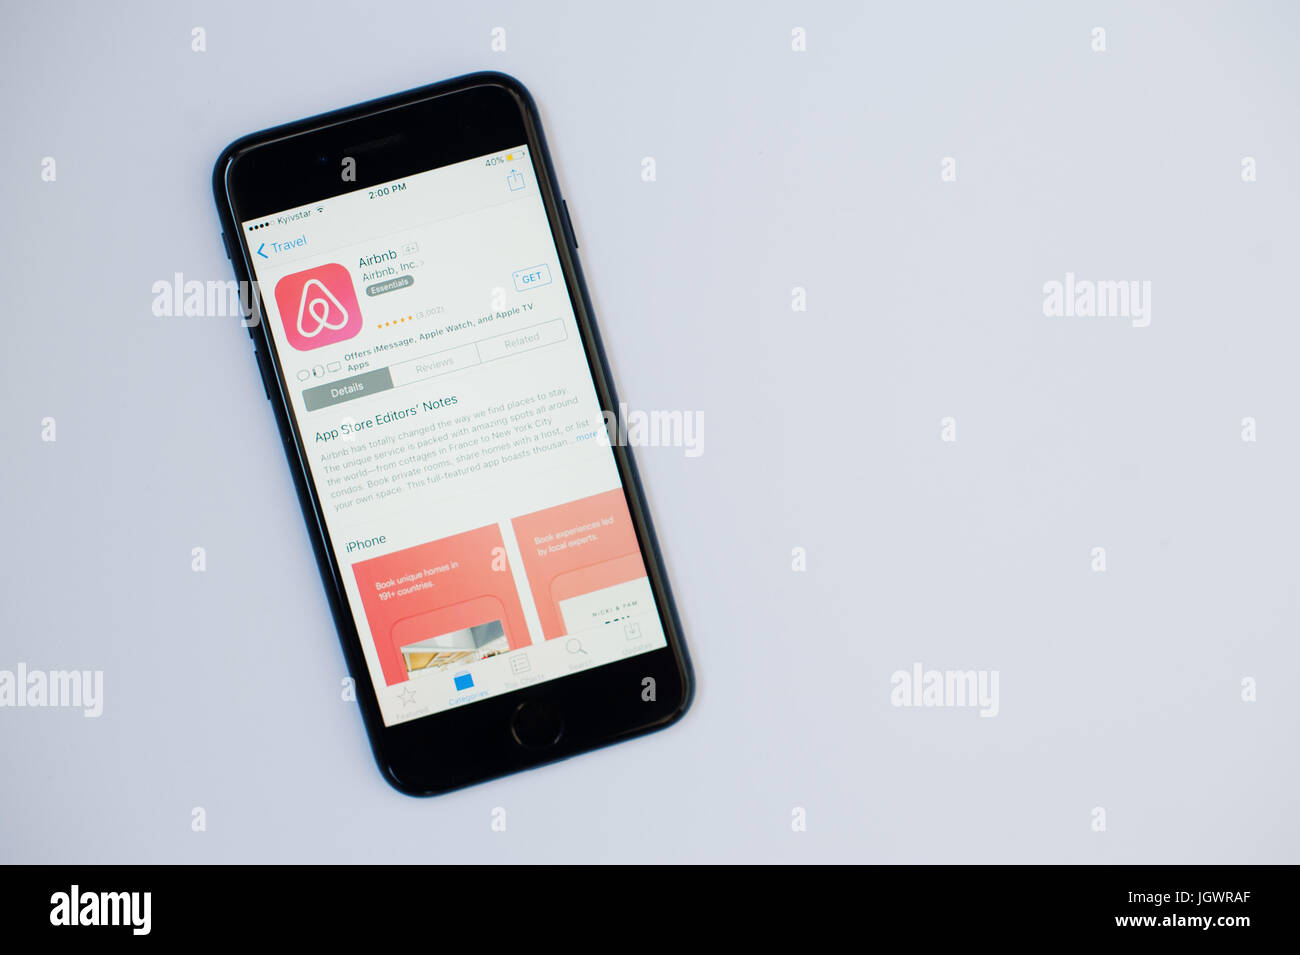 b7c8676fe60 Kiev, Ukraine - Jul 11,2017 : Apple iPhone 7 avec Airbnb application sur  l'écran lors de l'App Store isolé sur blanc.